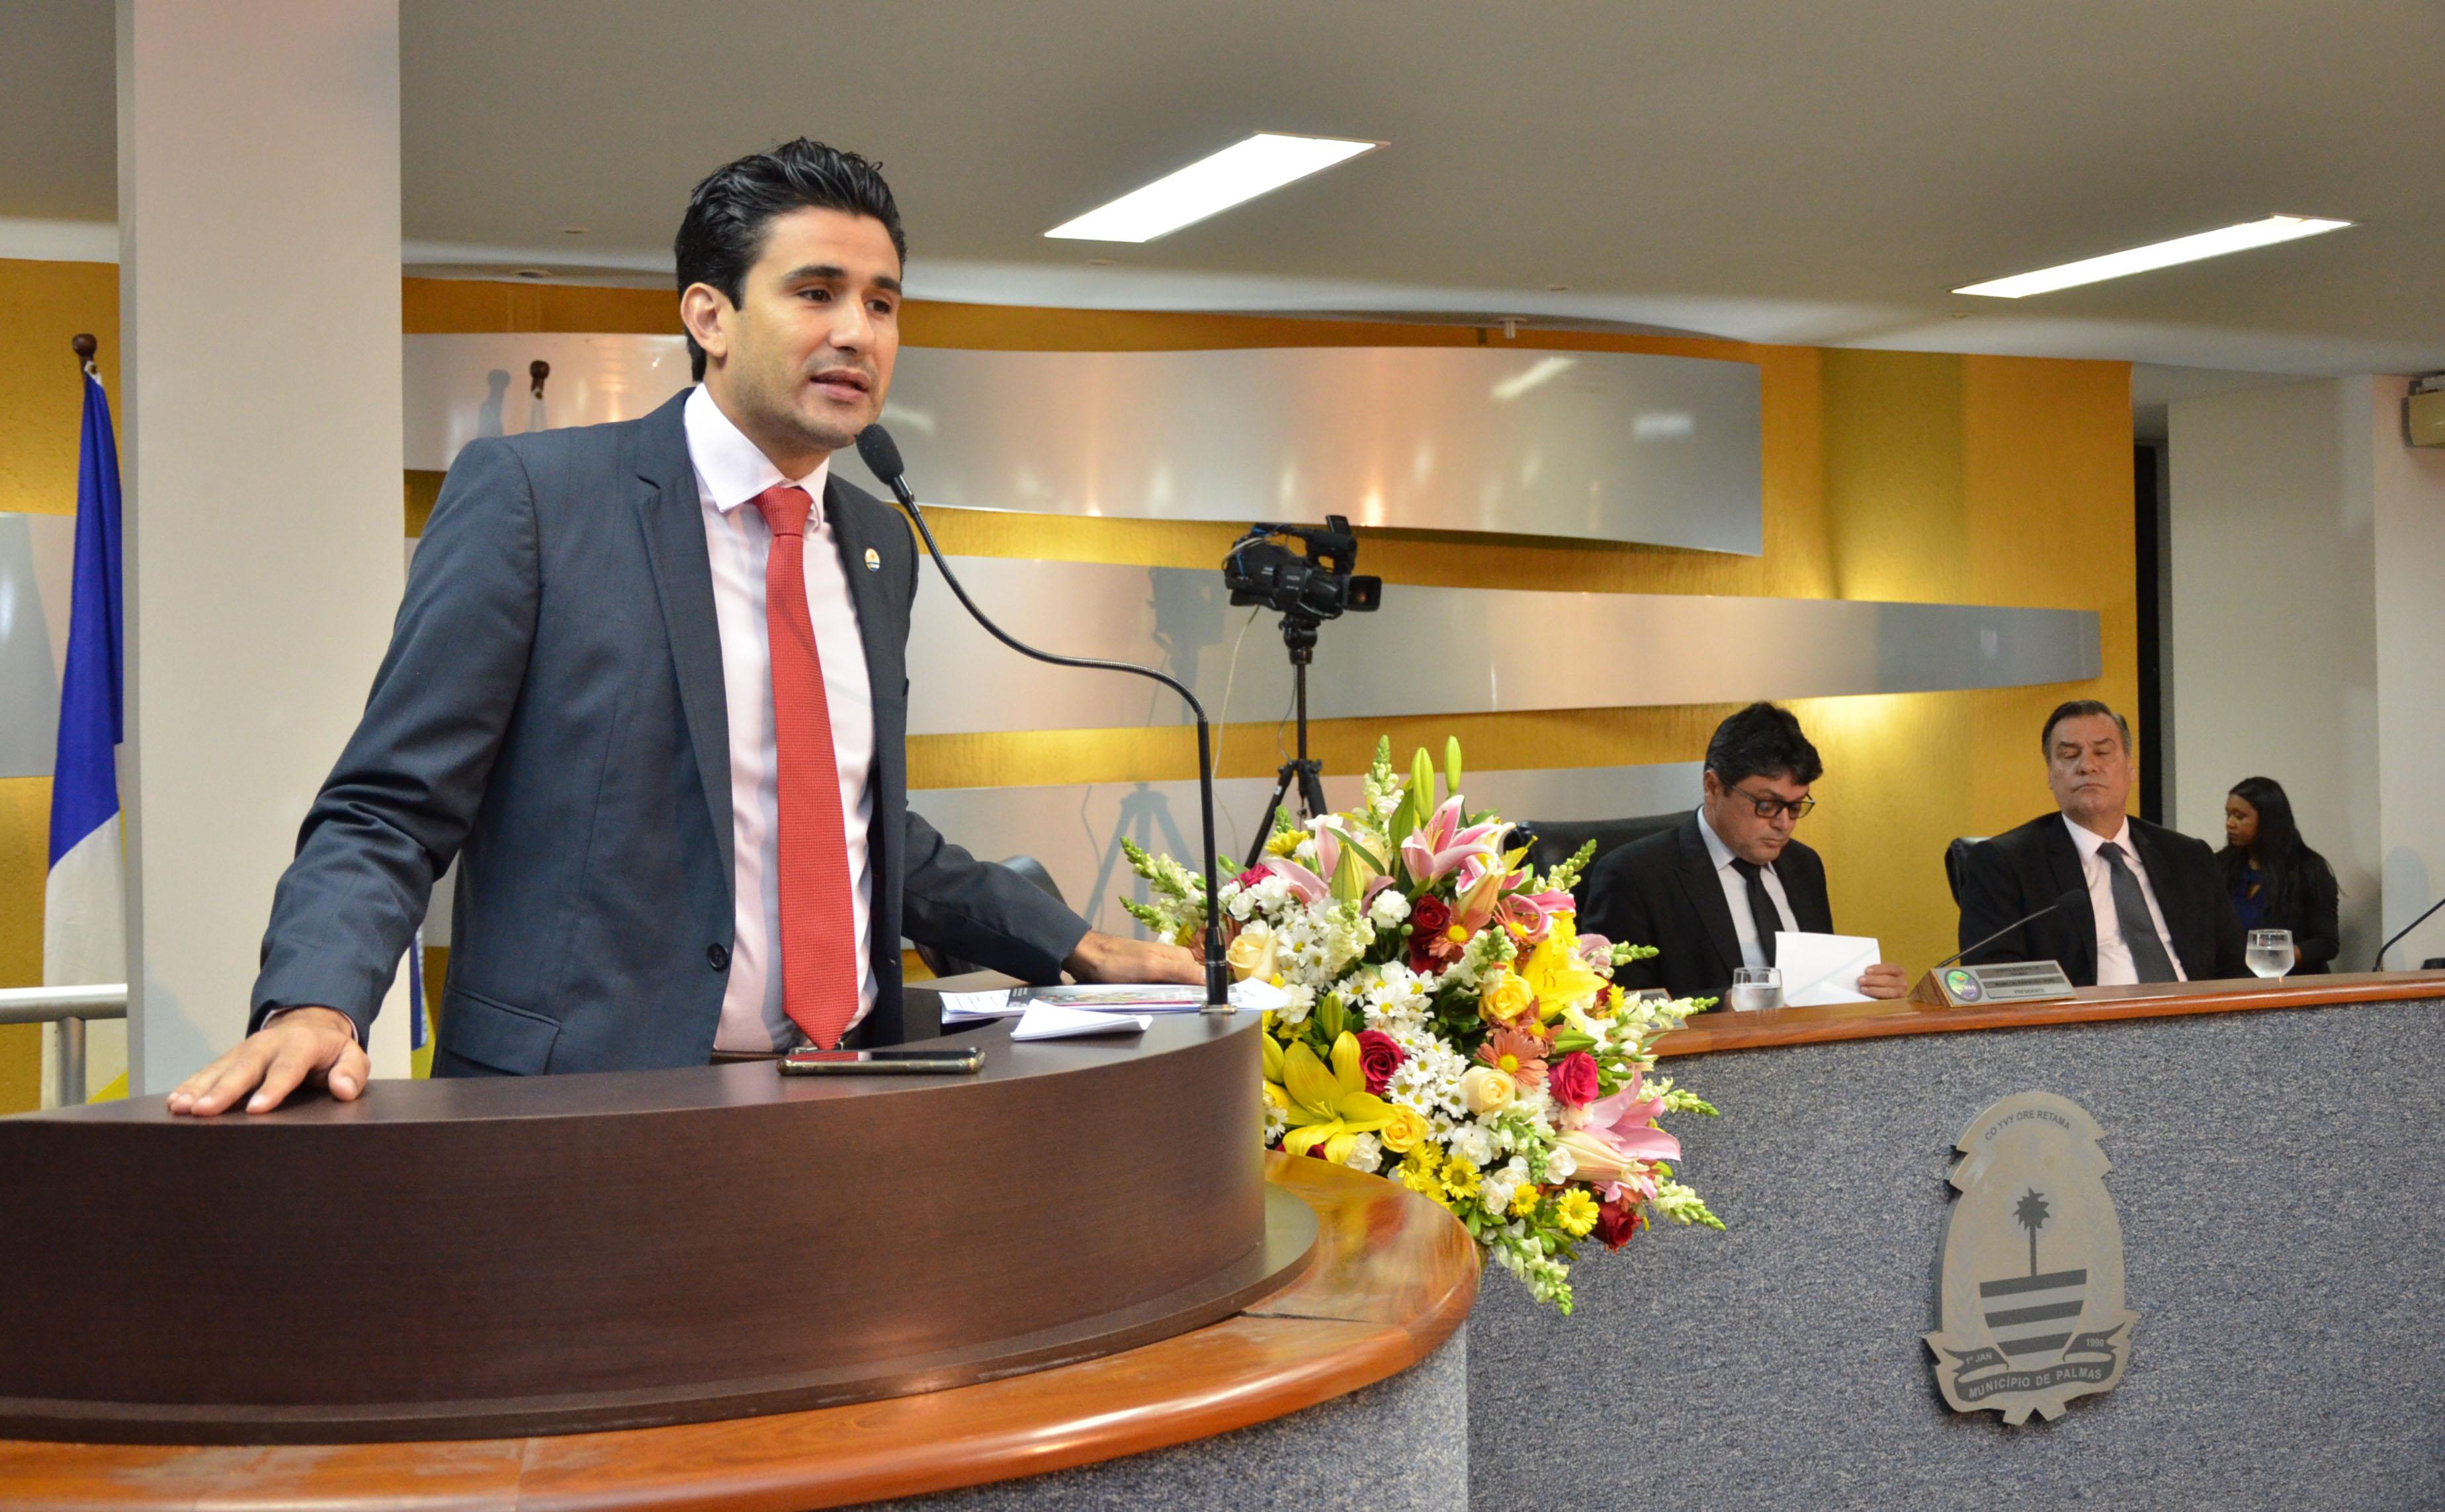 Câmara de Palmas presta homenagem àqueles que lutam na prevenção e conscientização sobre drogas